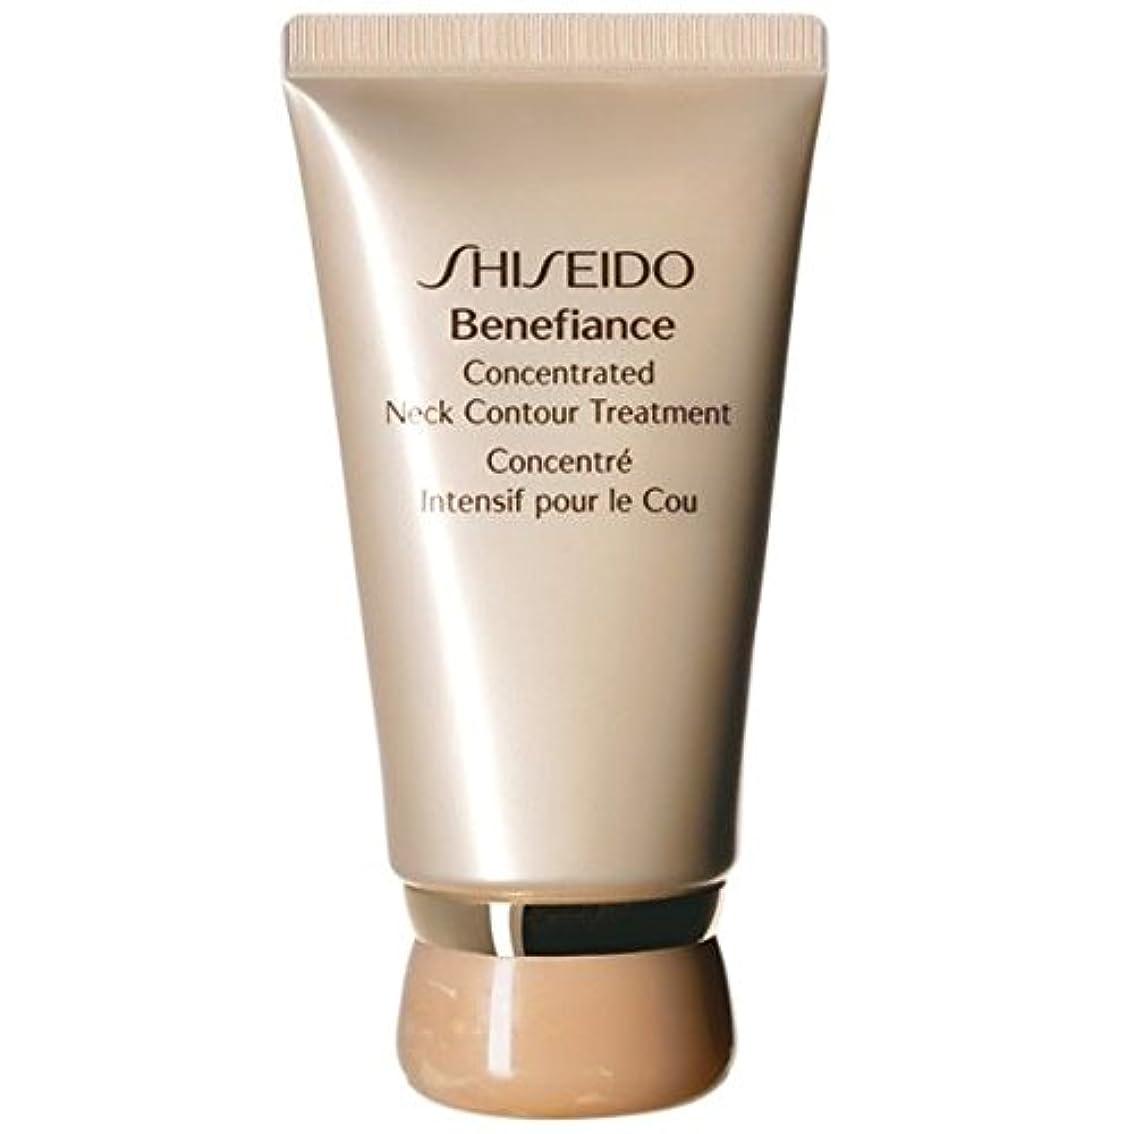 誇張生理バイオリン[Shiseido] 資生堂ベネフィアンス濃縮ネック輪郭処理50ミリリットル - Shiseido Benefiance Concentrated Neck Contour Treatment 50ml [並行輸入品]